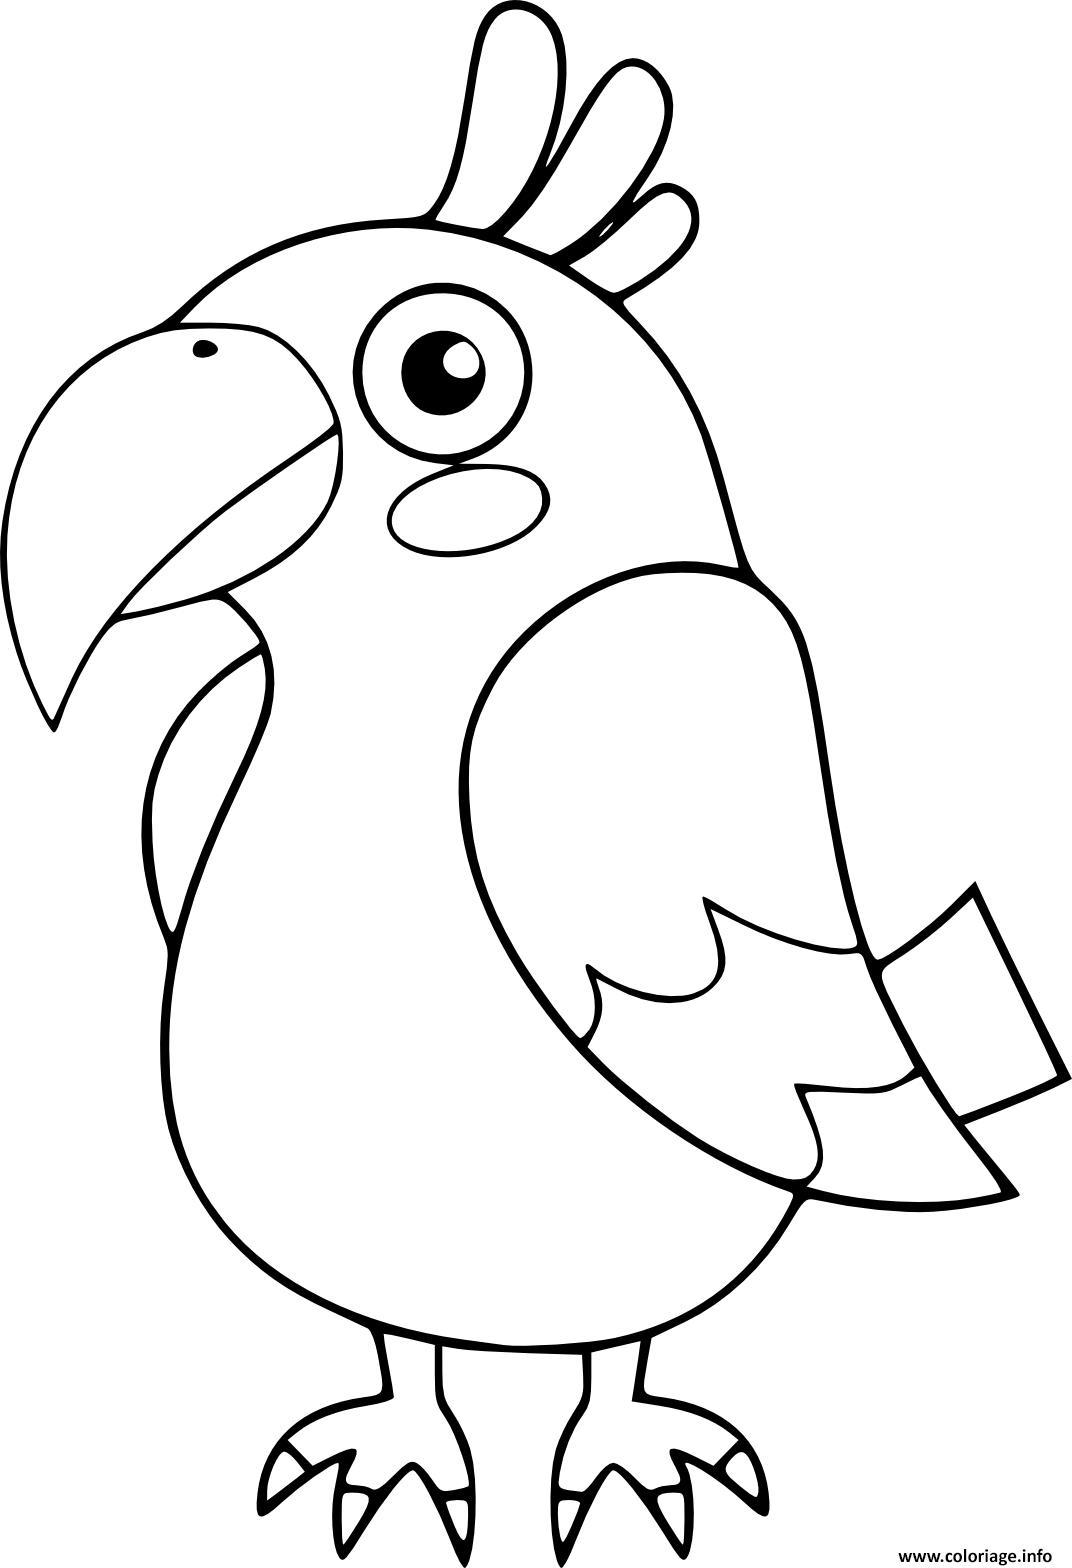 Dessin perroquet oiseau maternelle Coloriage Gratuit à Imprimer